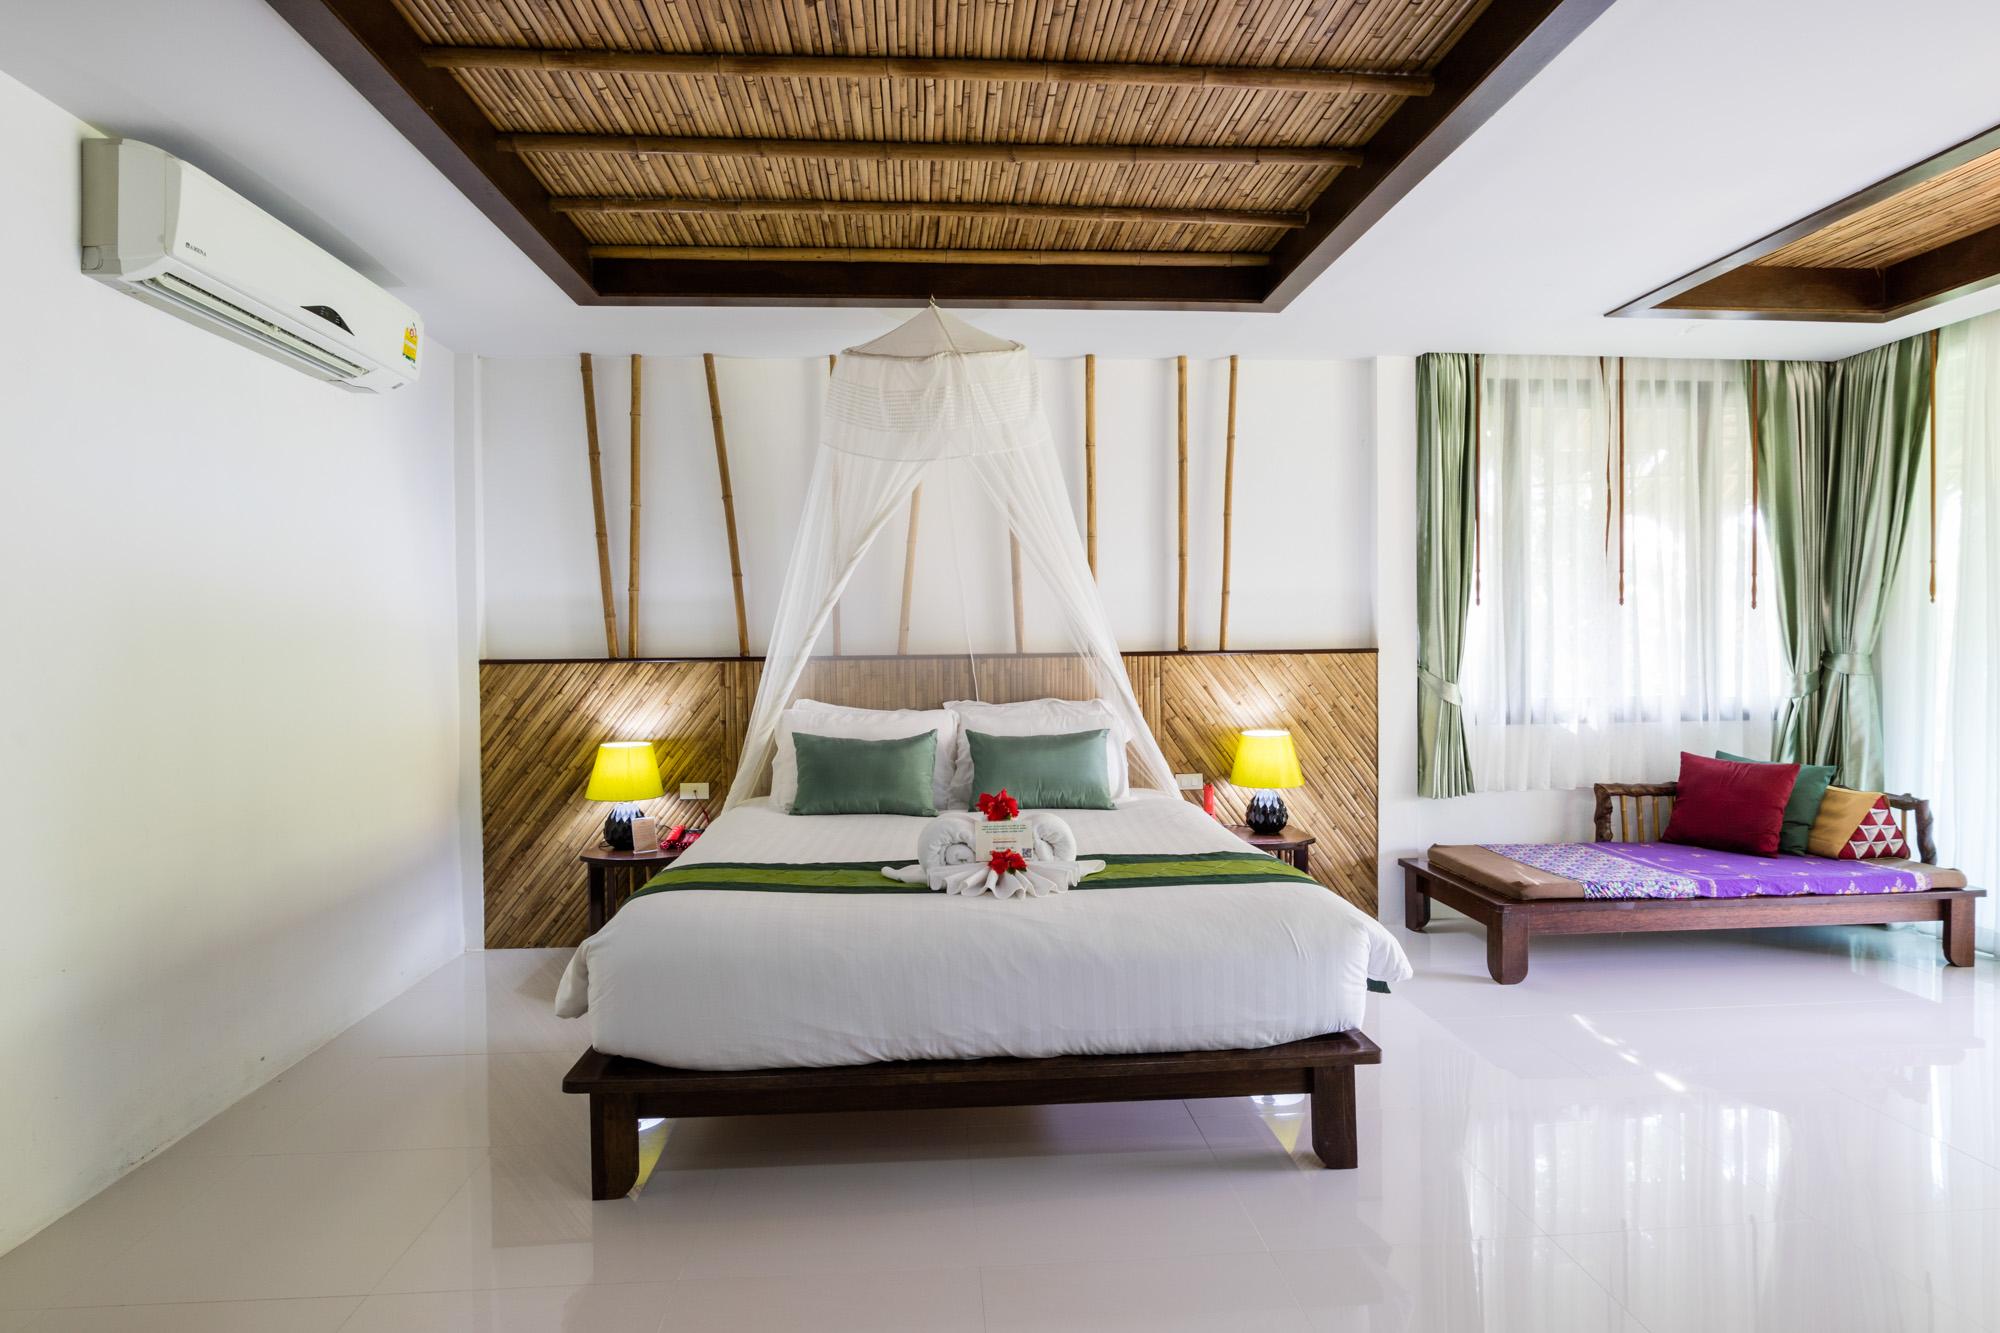 บ้านใสในรีสอร์ท Ban Sainai Resort อ่าวนาง กระบี่  บ้านใสใน รีสอร์ท Ban Sainai Resort อ่าวนาง กระบี่ IMG 2029